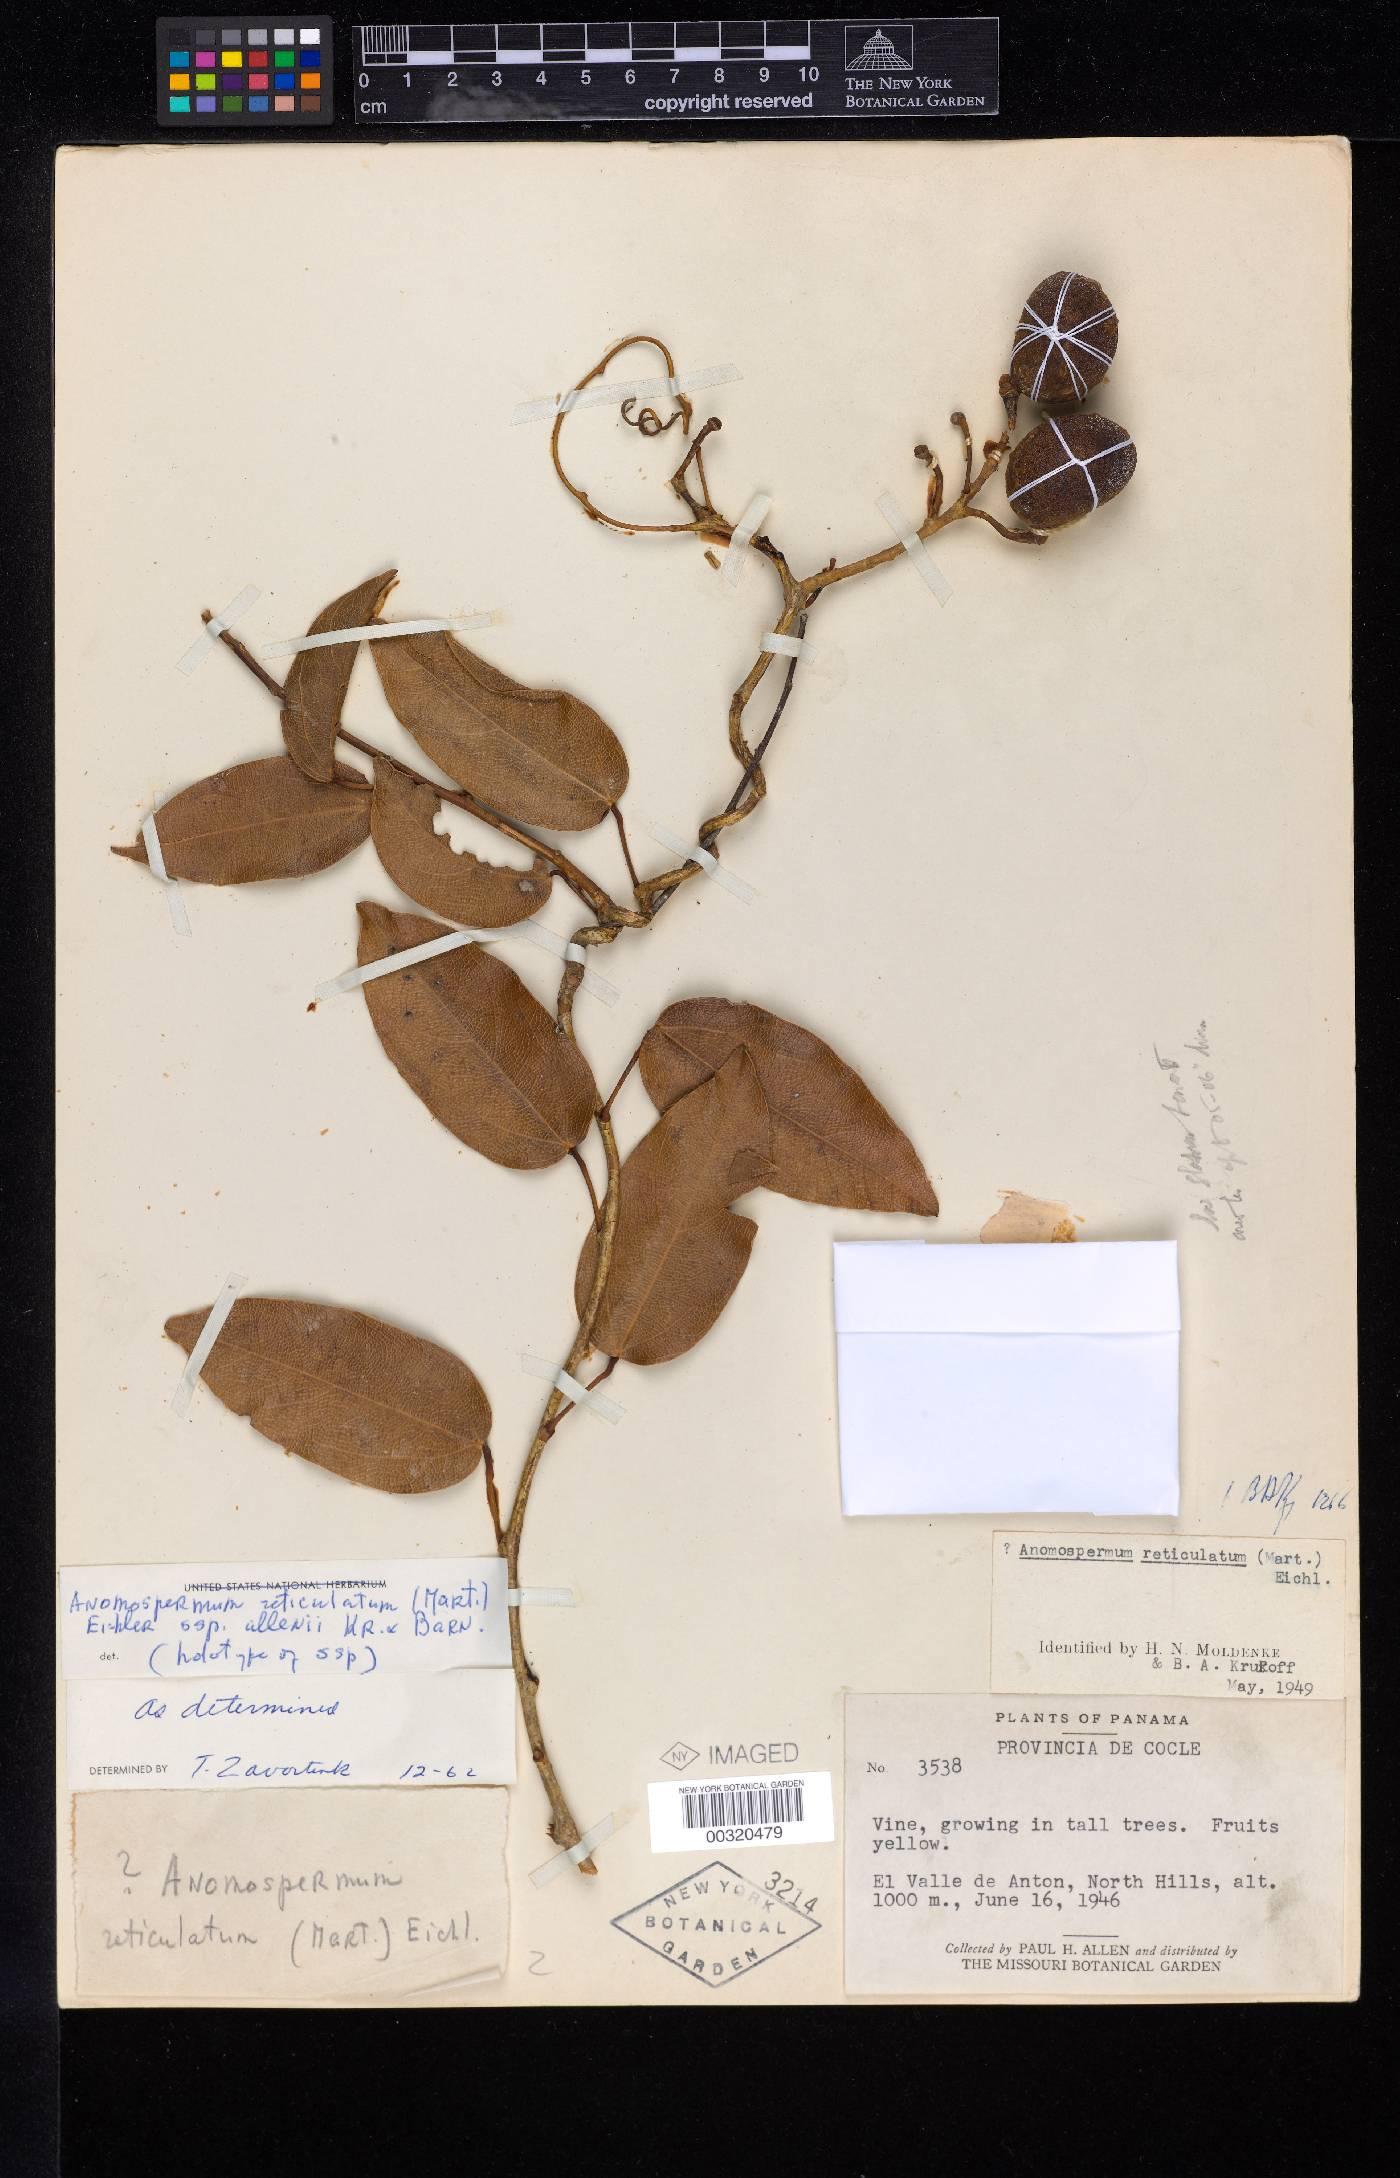 Anomospermum reticulatum image